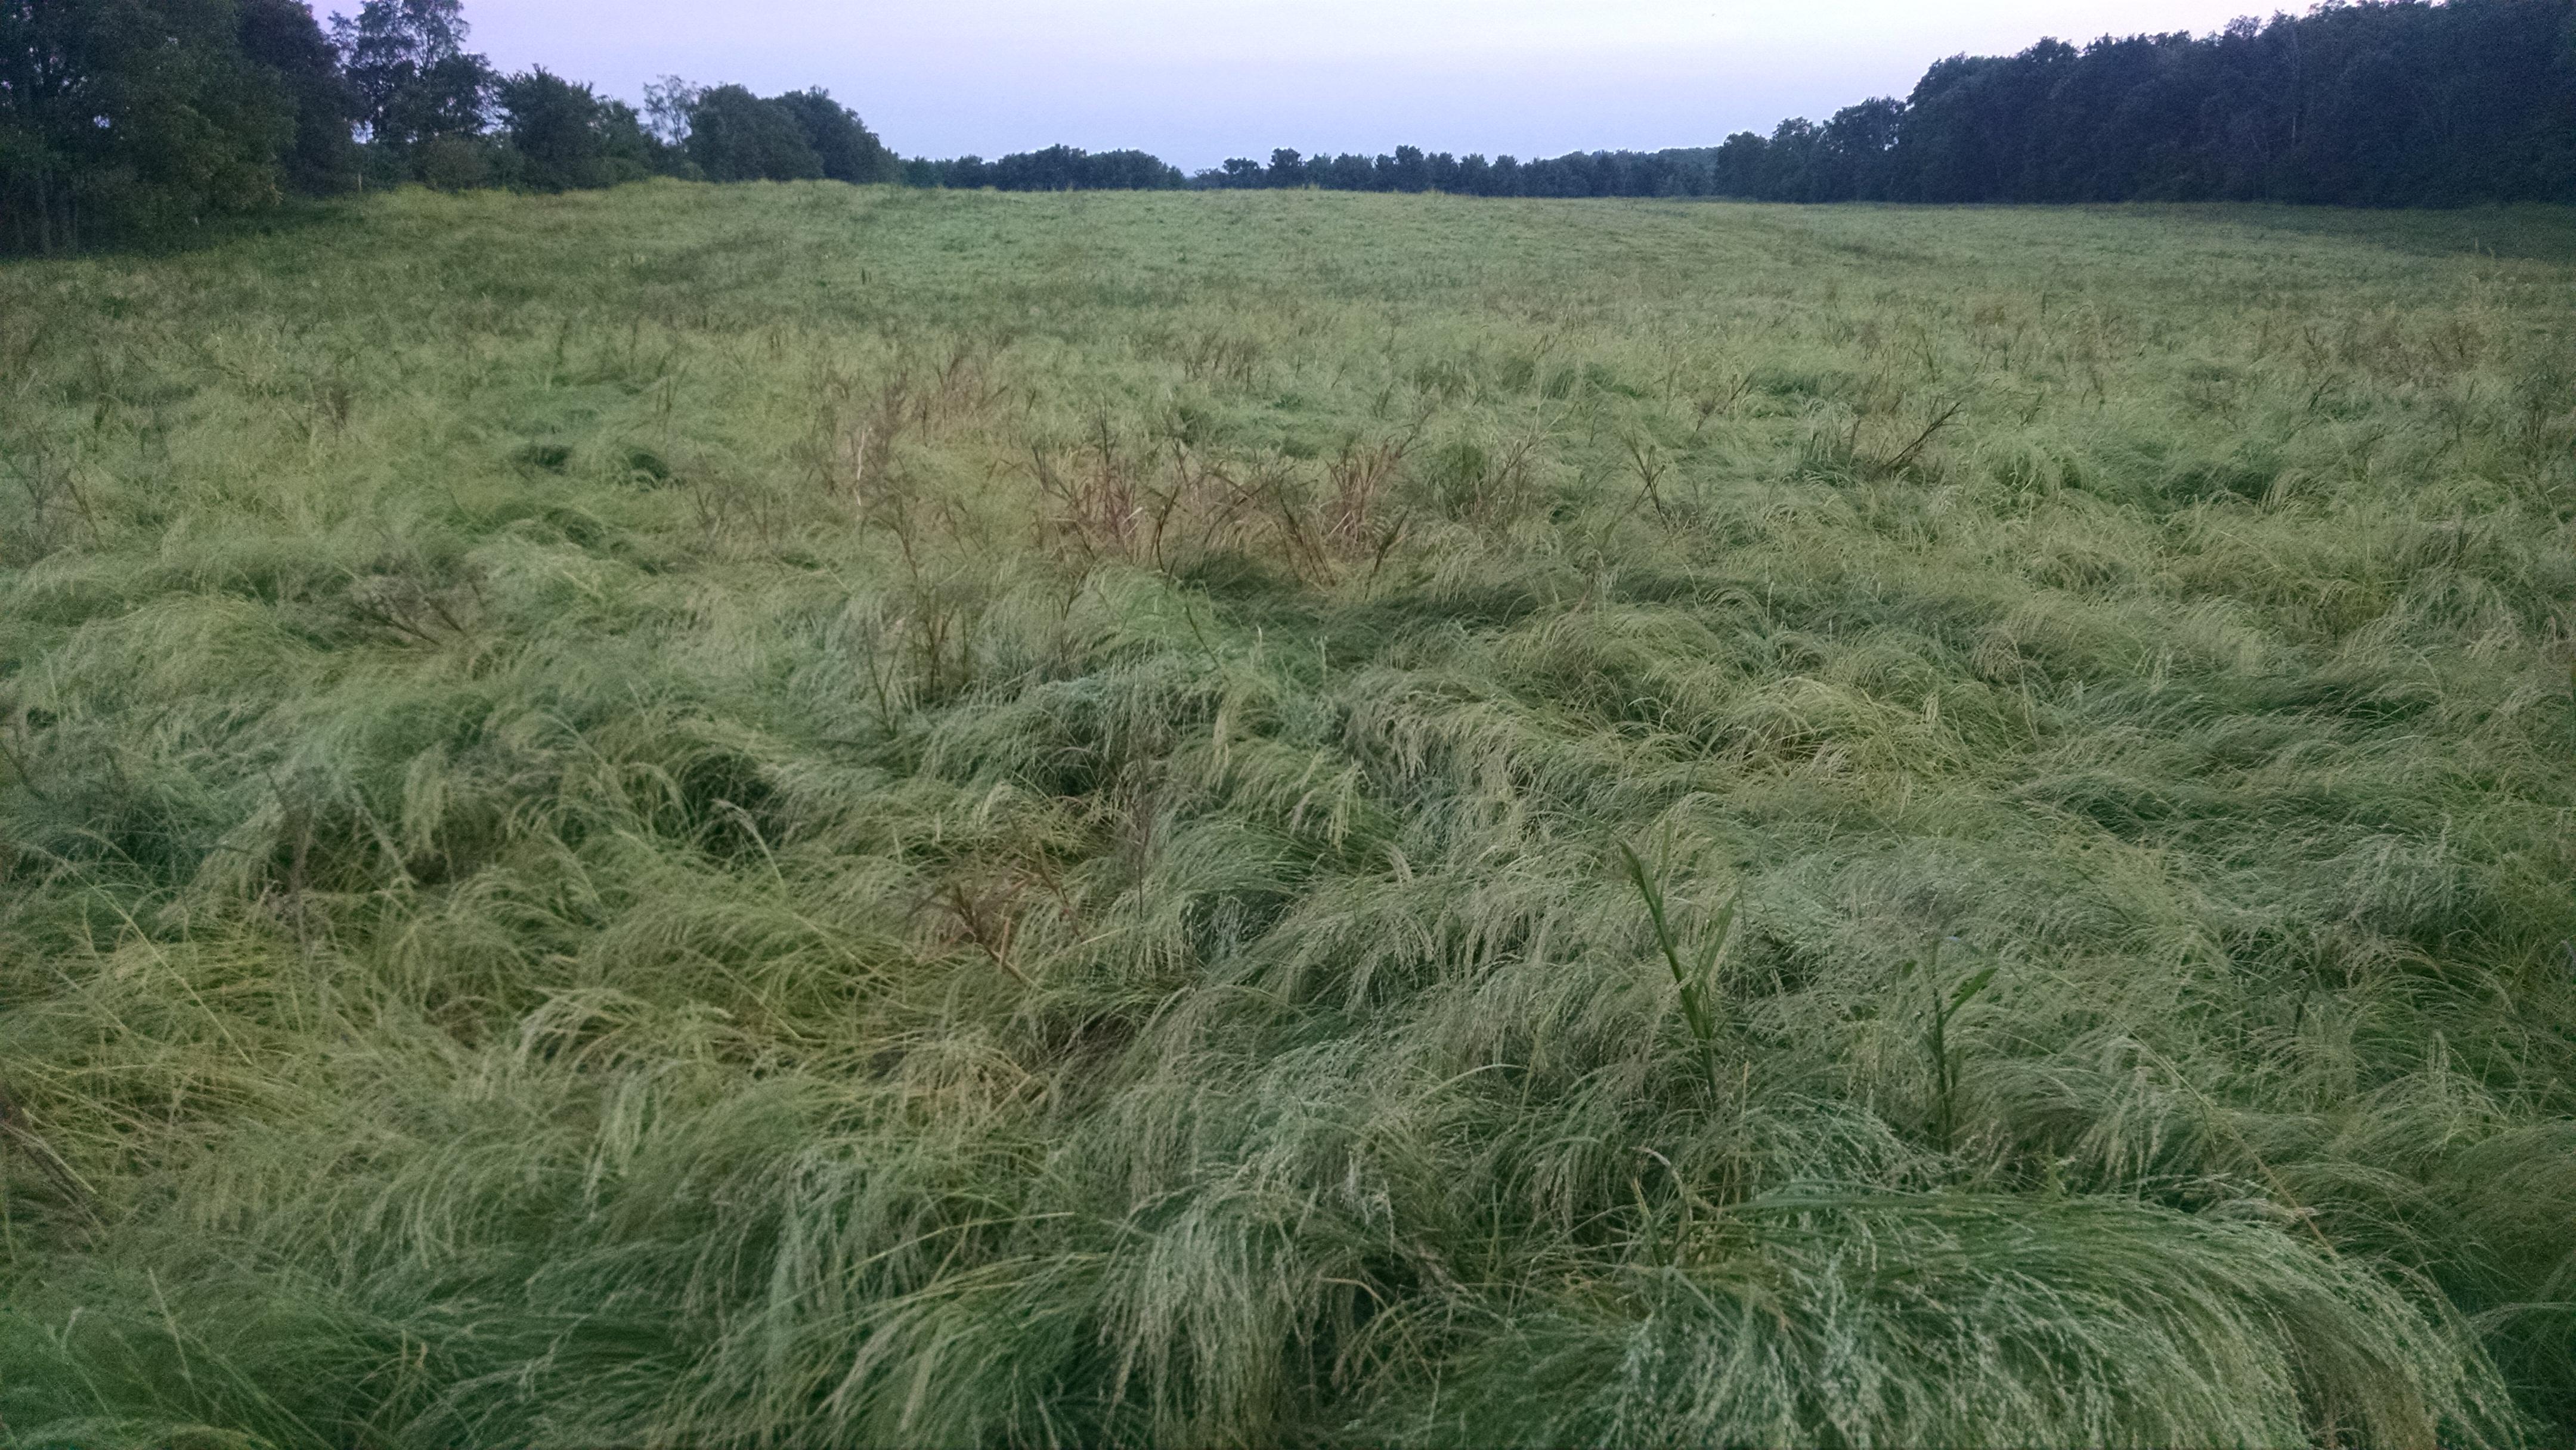 A field of teff